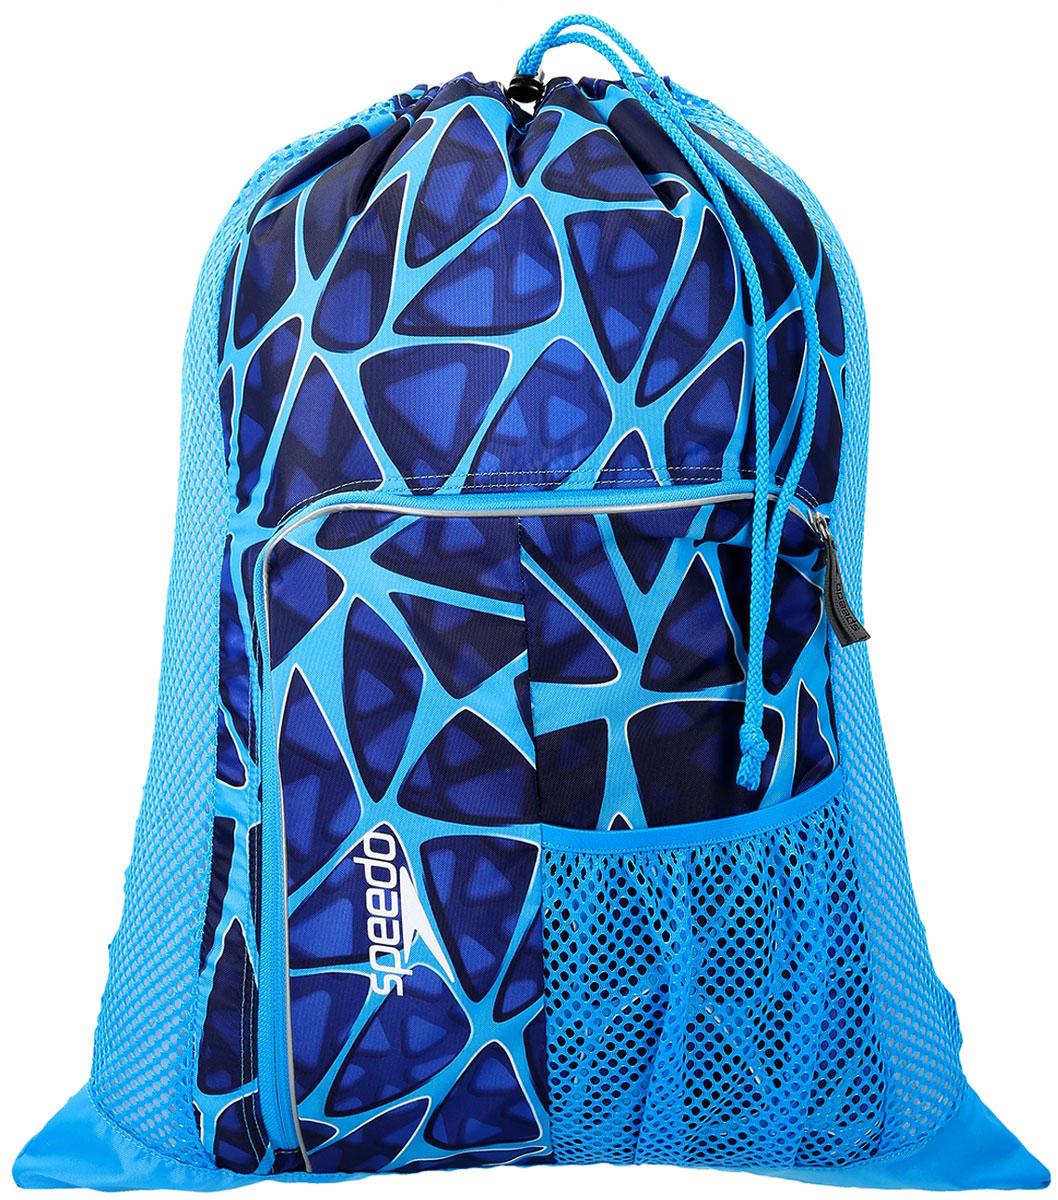 Мешок для мокрых вещей Speedo, цвет: голубой, синий8-11234C298Практичная и вместительная сумка-мешок идеально подходит для хранения вещей во время посещения бассейна. Использование сетки в качестве материала обеспечивает прекрасную вентиляцию и позволяет вещам быстро сохнуть.